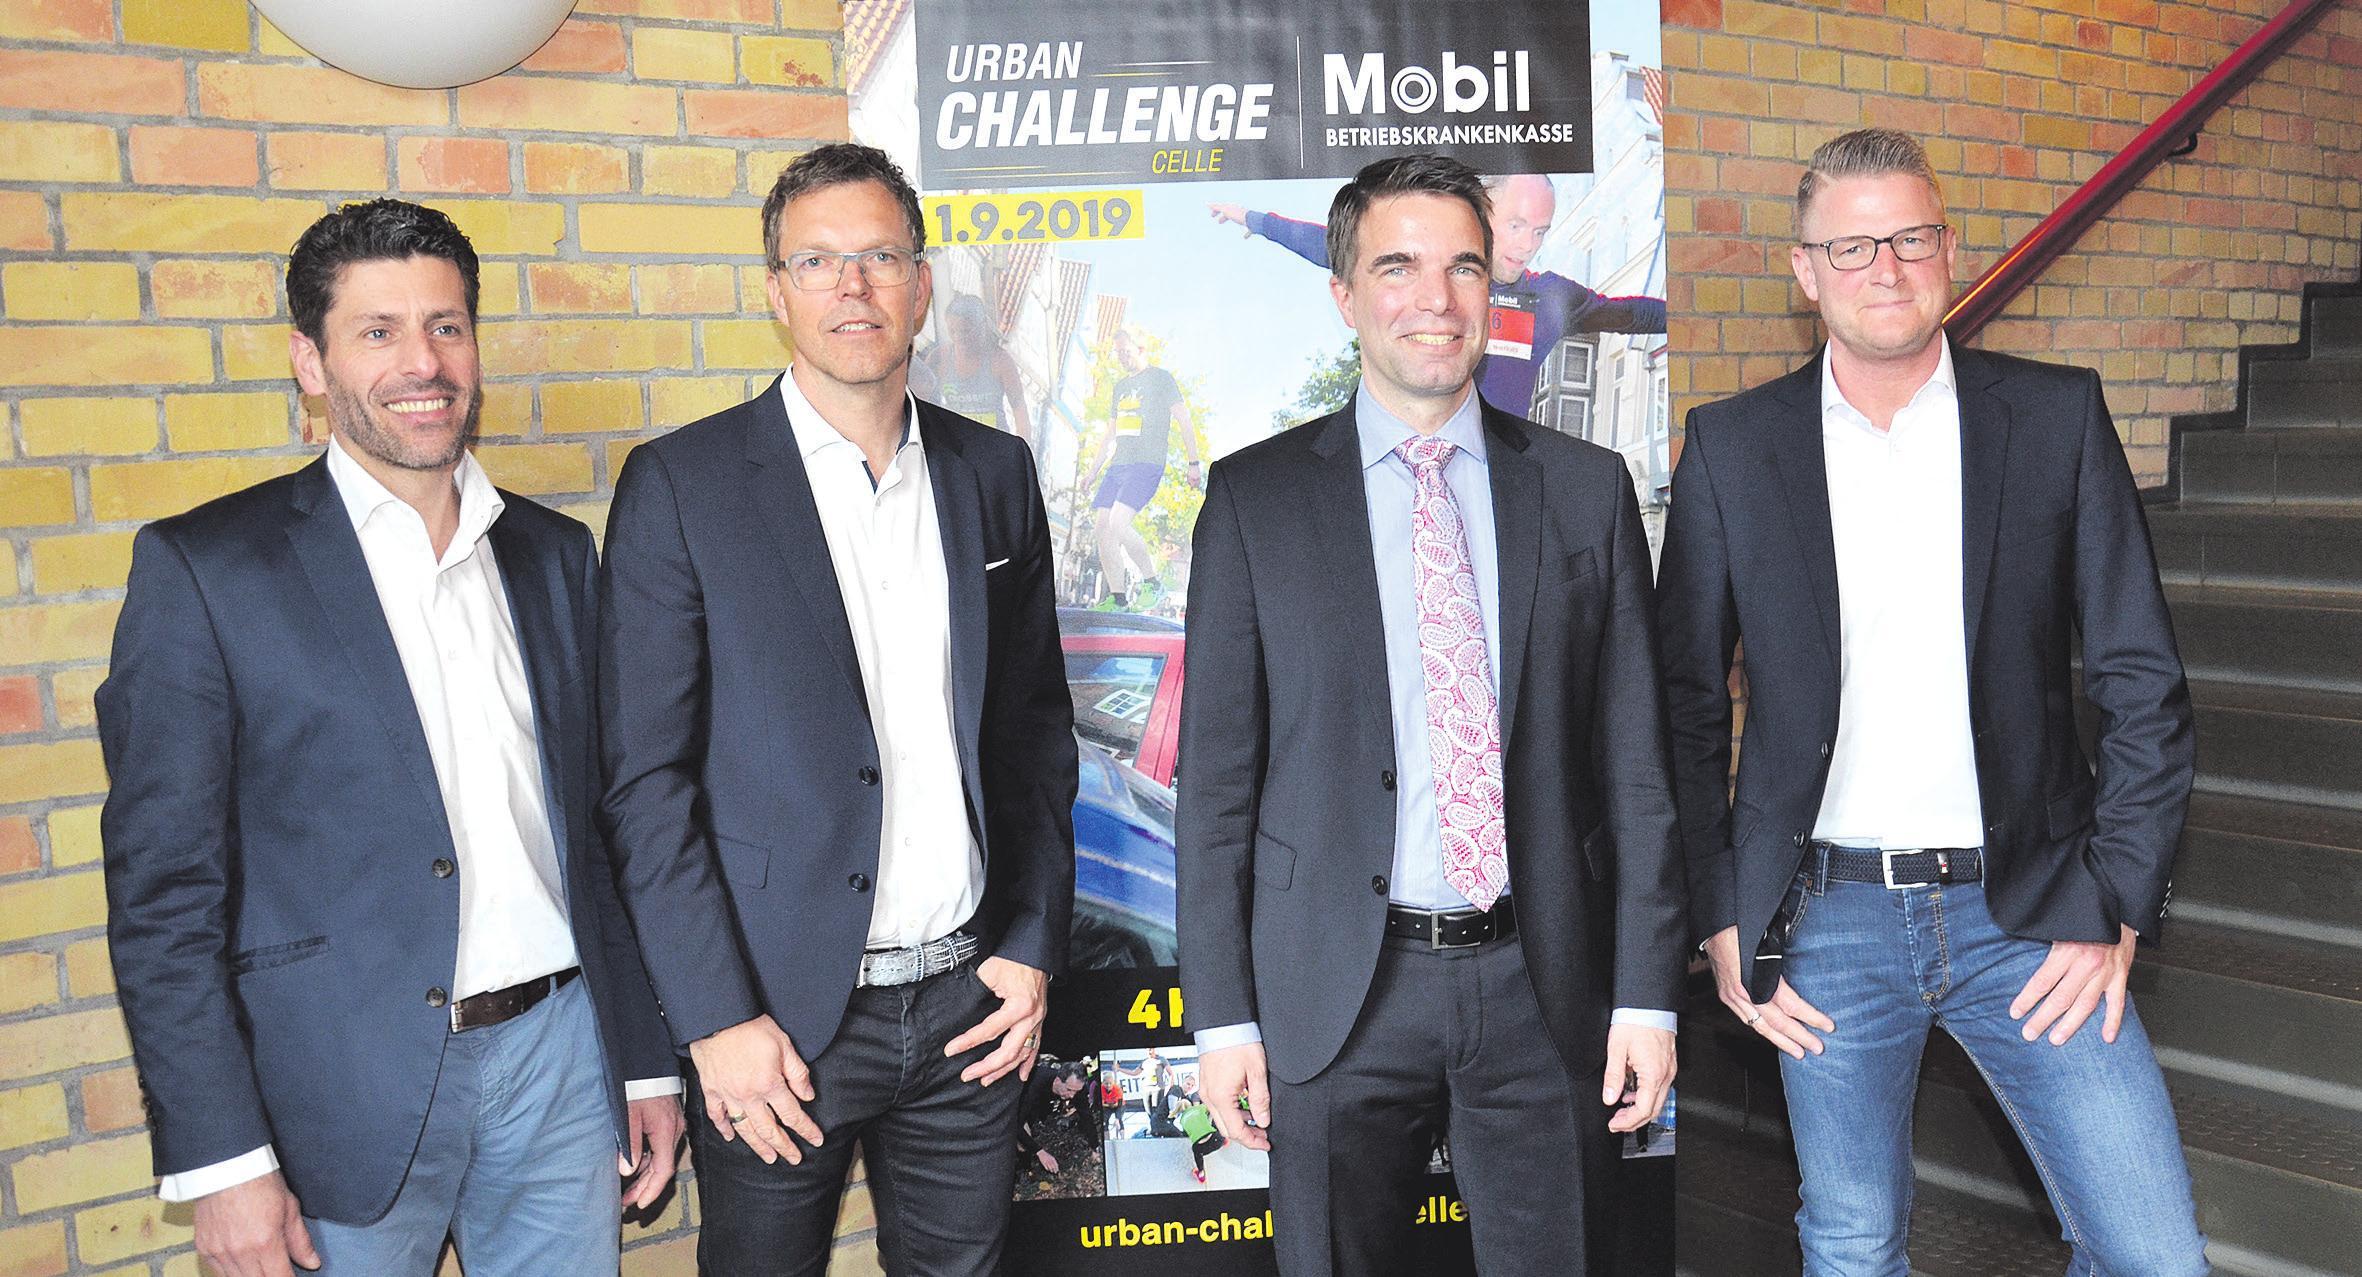 Die Organisatoren stellten die zweite BKK Mobil Oil Urban Challenge vor: Reinald Achilles (von links), Frank Thaleiser, Celles Oberbürgermeister Dr. Jörg Nigge und Christian Dierks. Foto: Müller